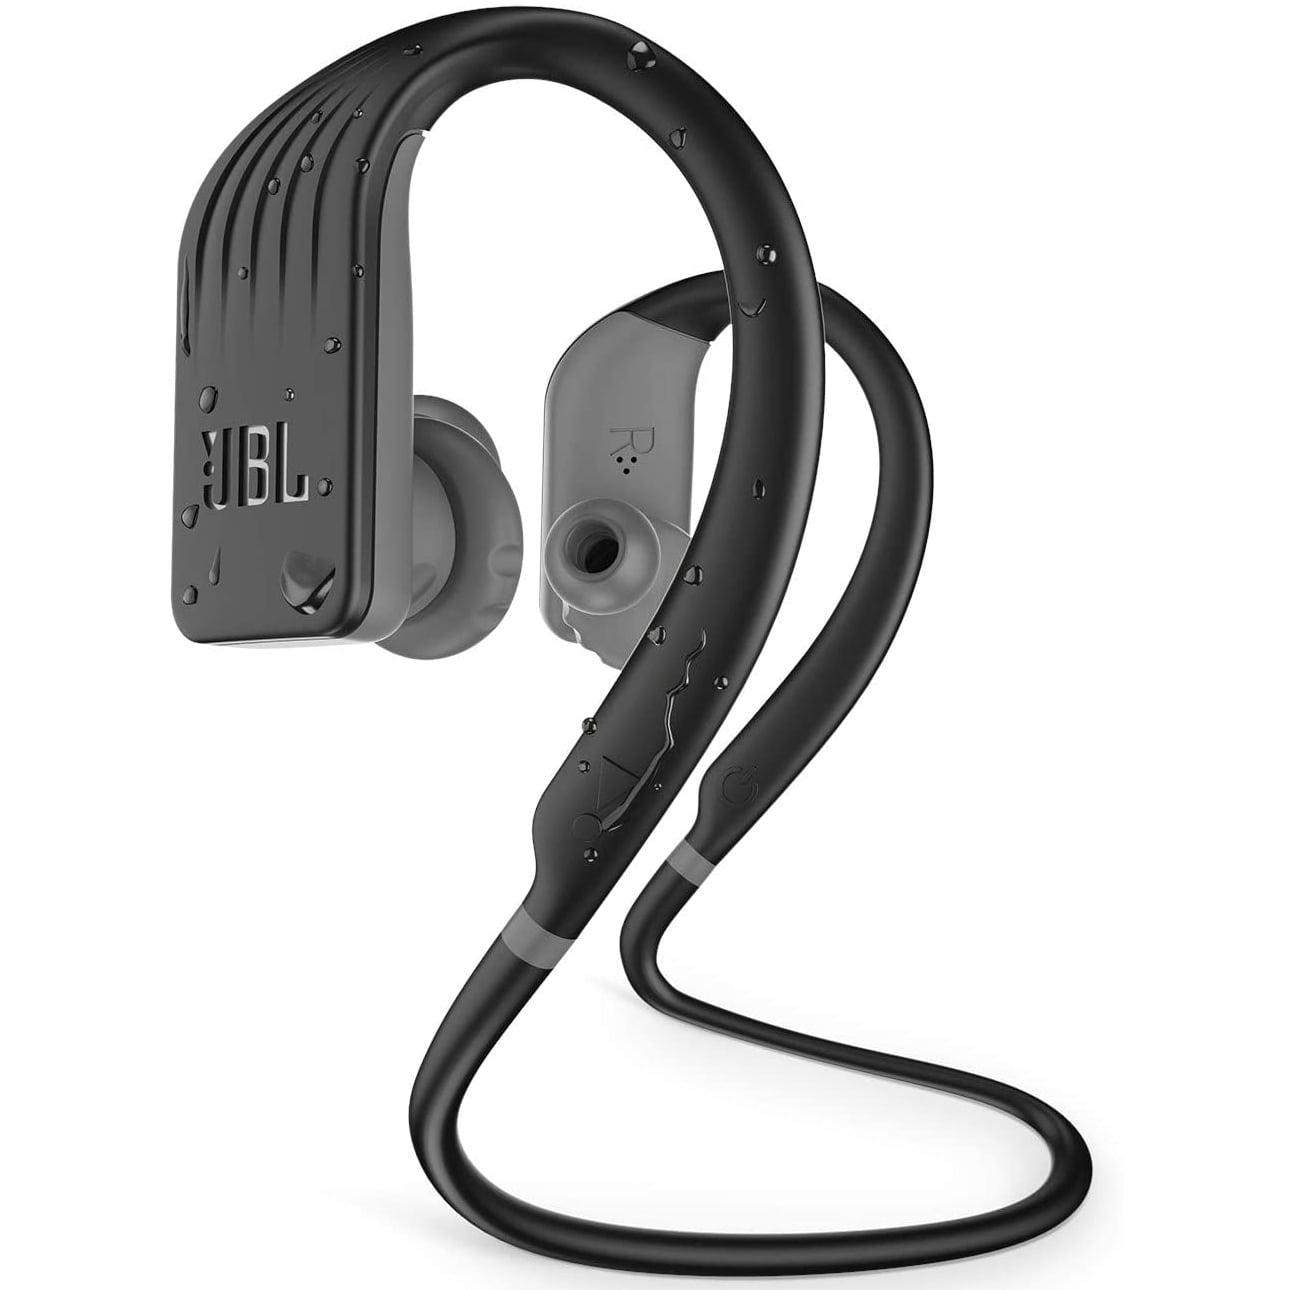 Casti In-Ear JBL Endurance Jump, Wireless, Bluetooth, Autonomie 8 ore, IPX7, Black